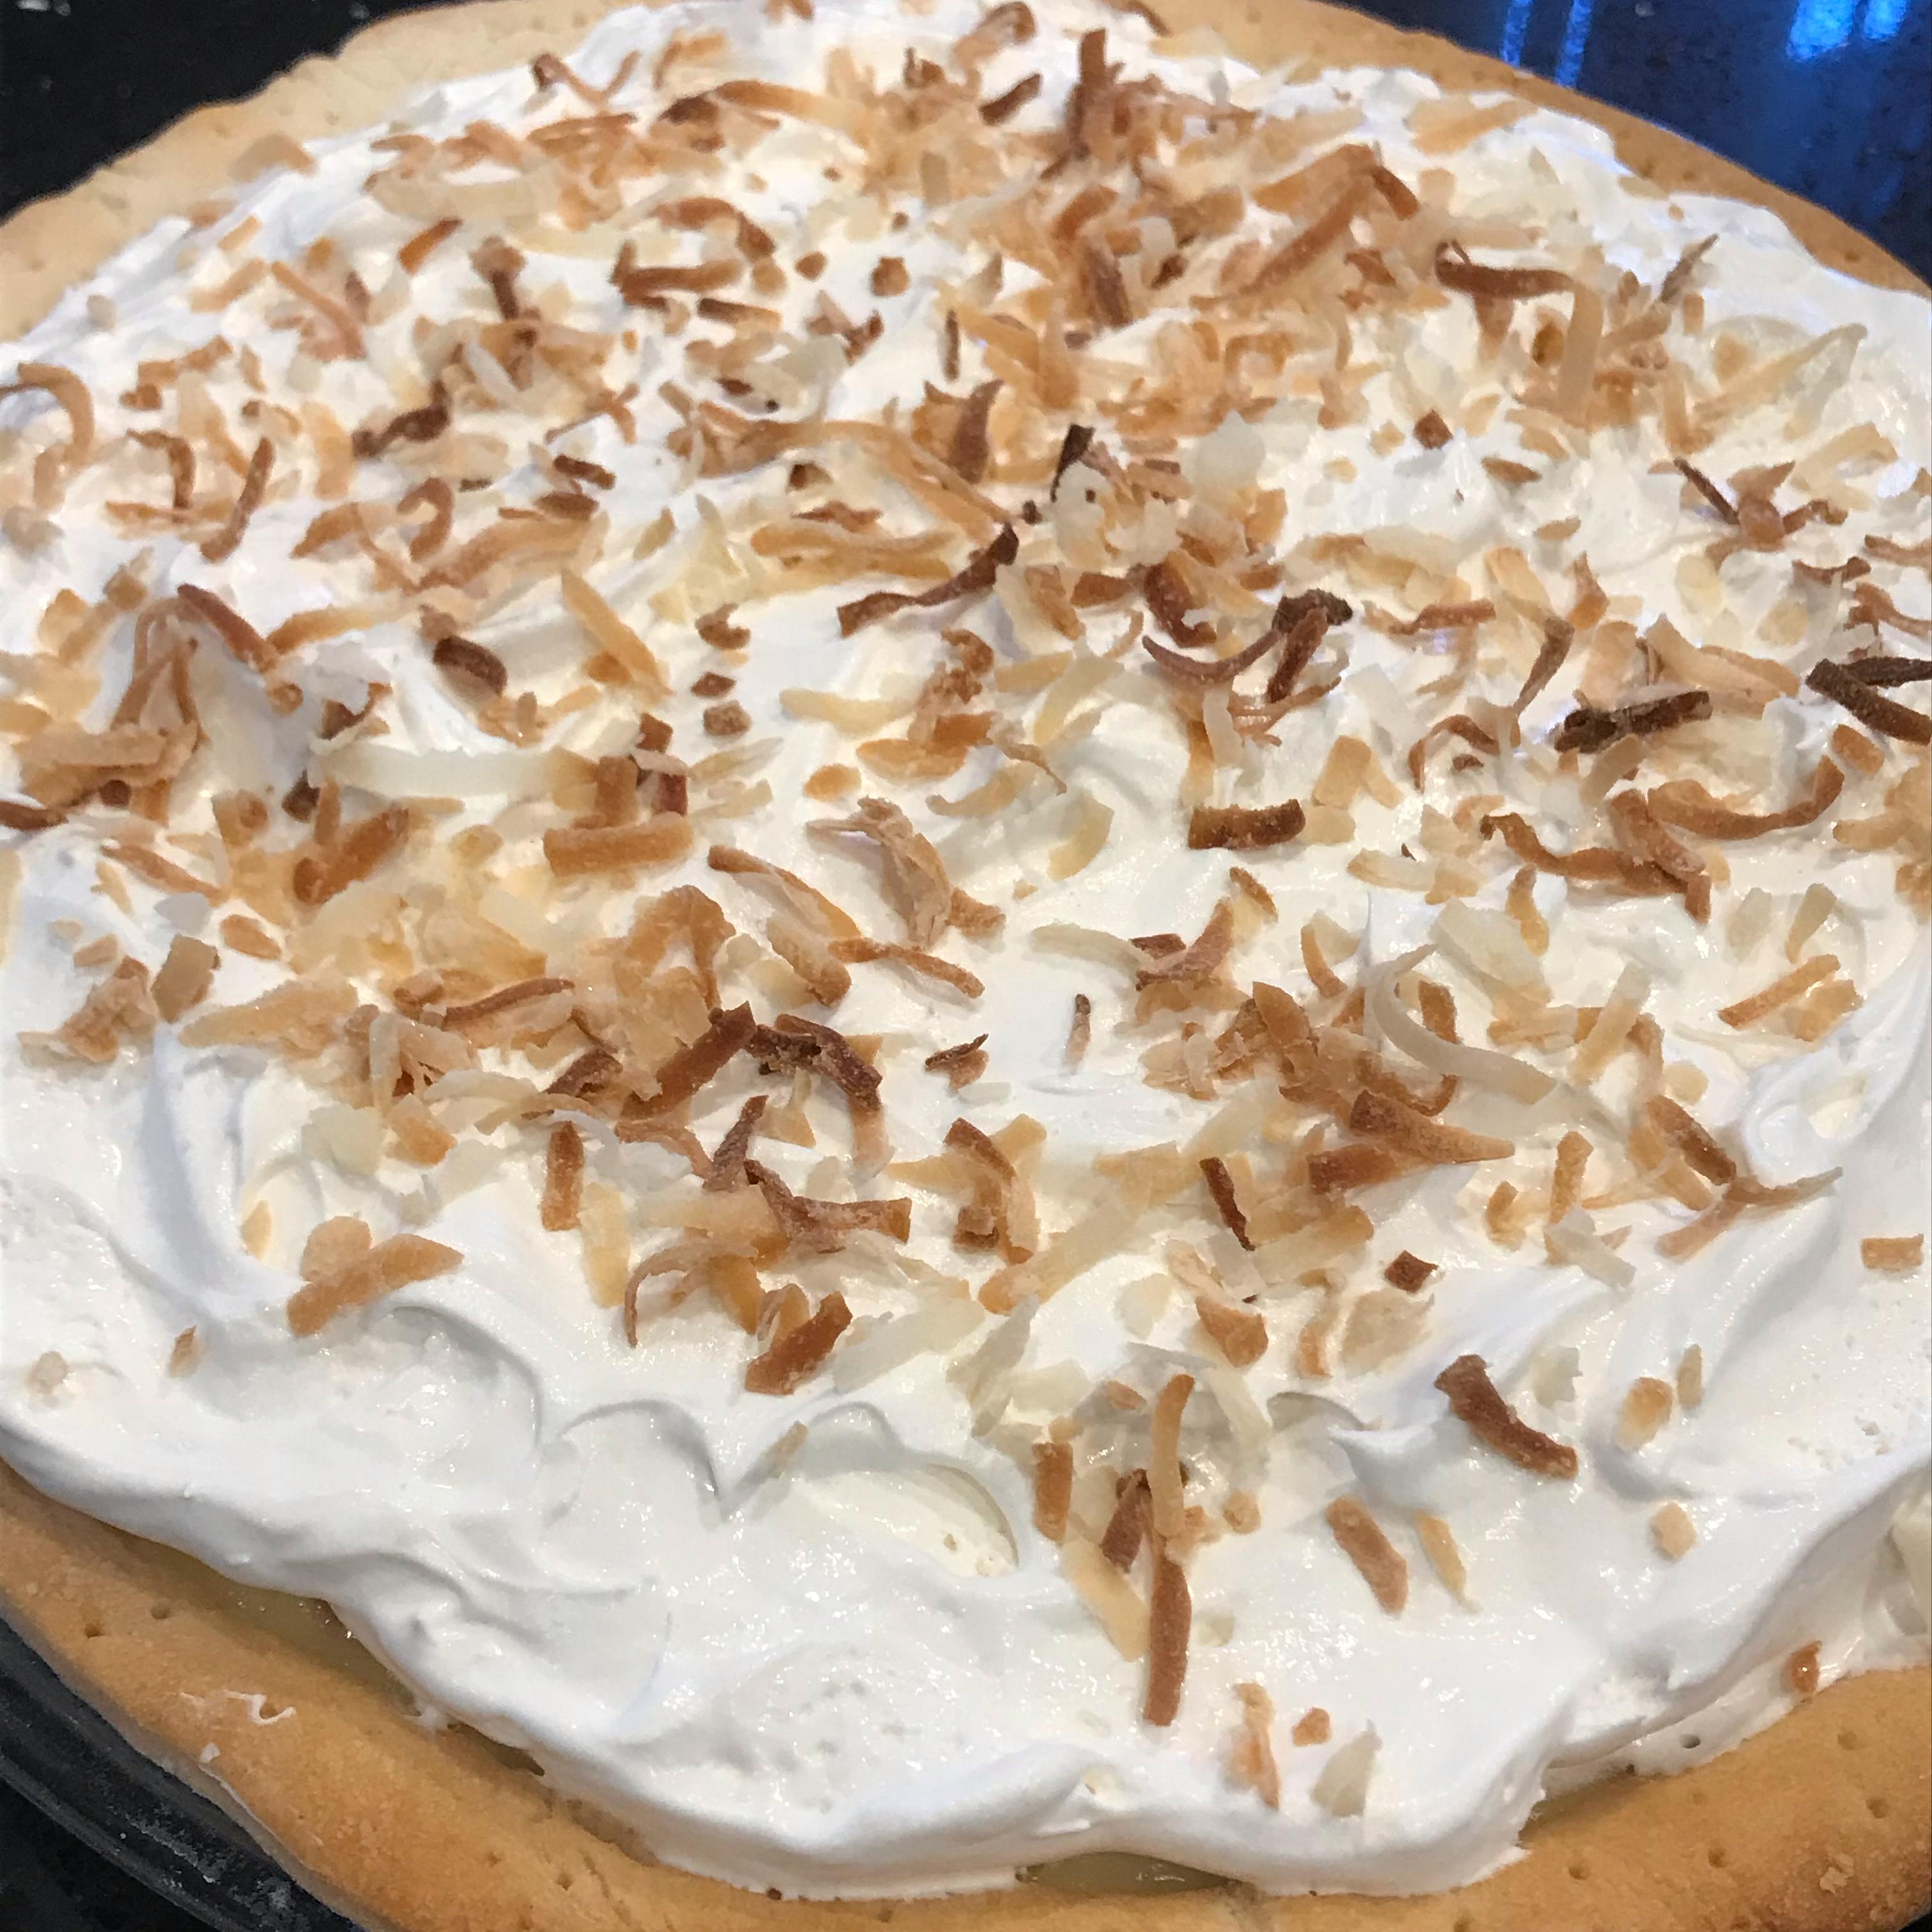 Old Fashioned Coconut Cream Pie luvs2cook